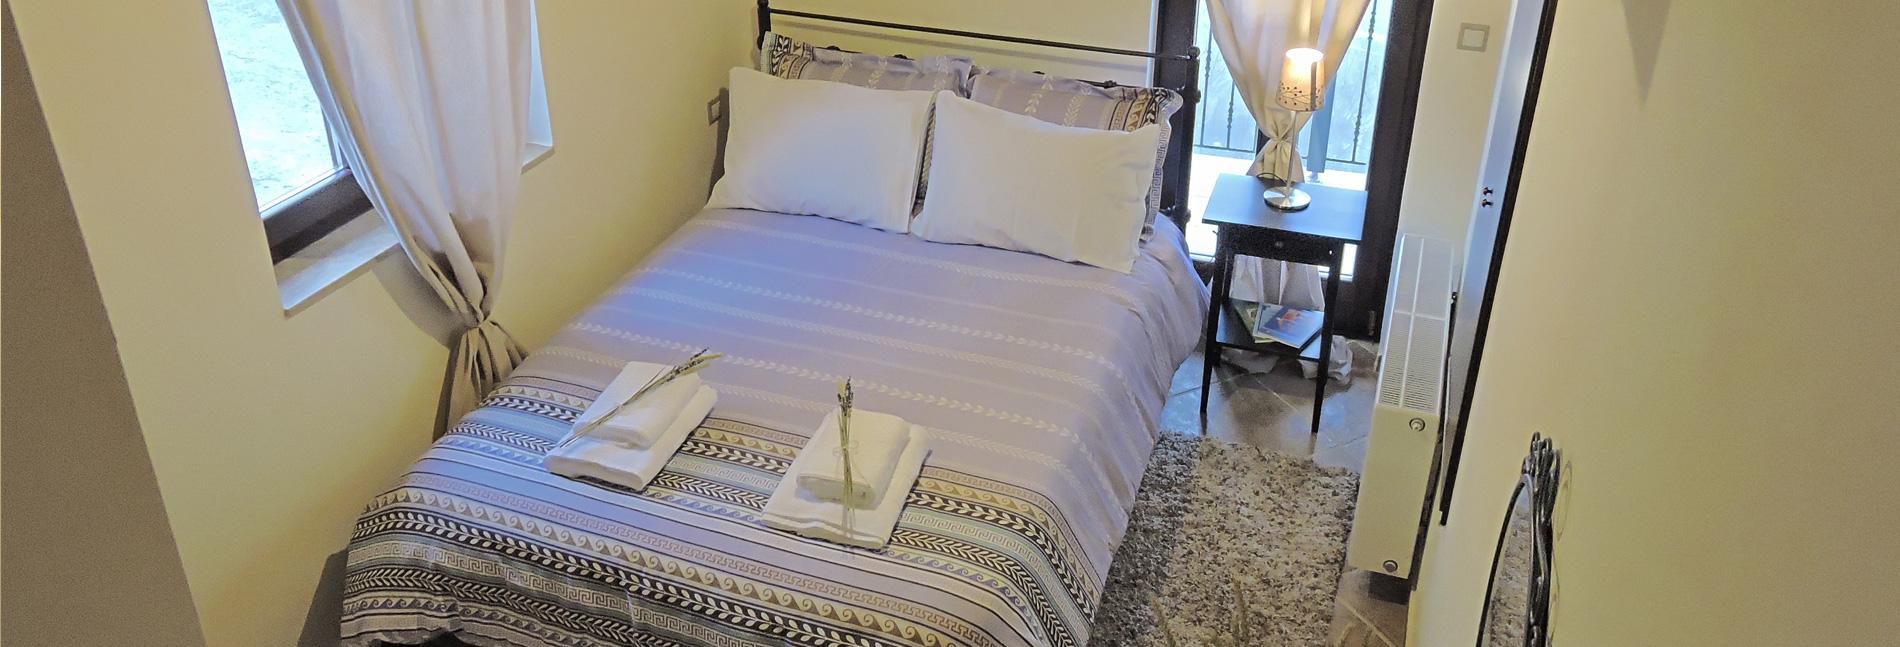 Δωμάτια φιλοξενείας